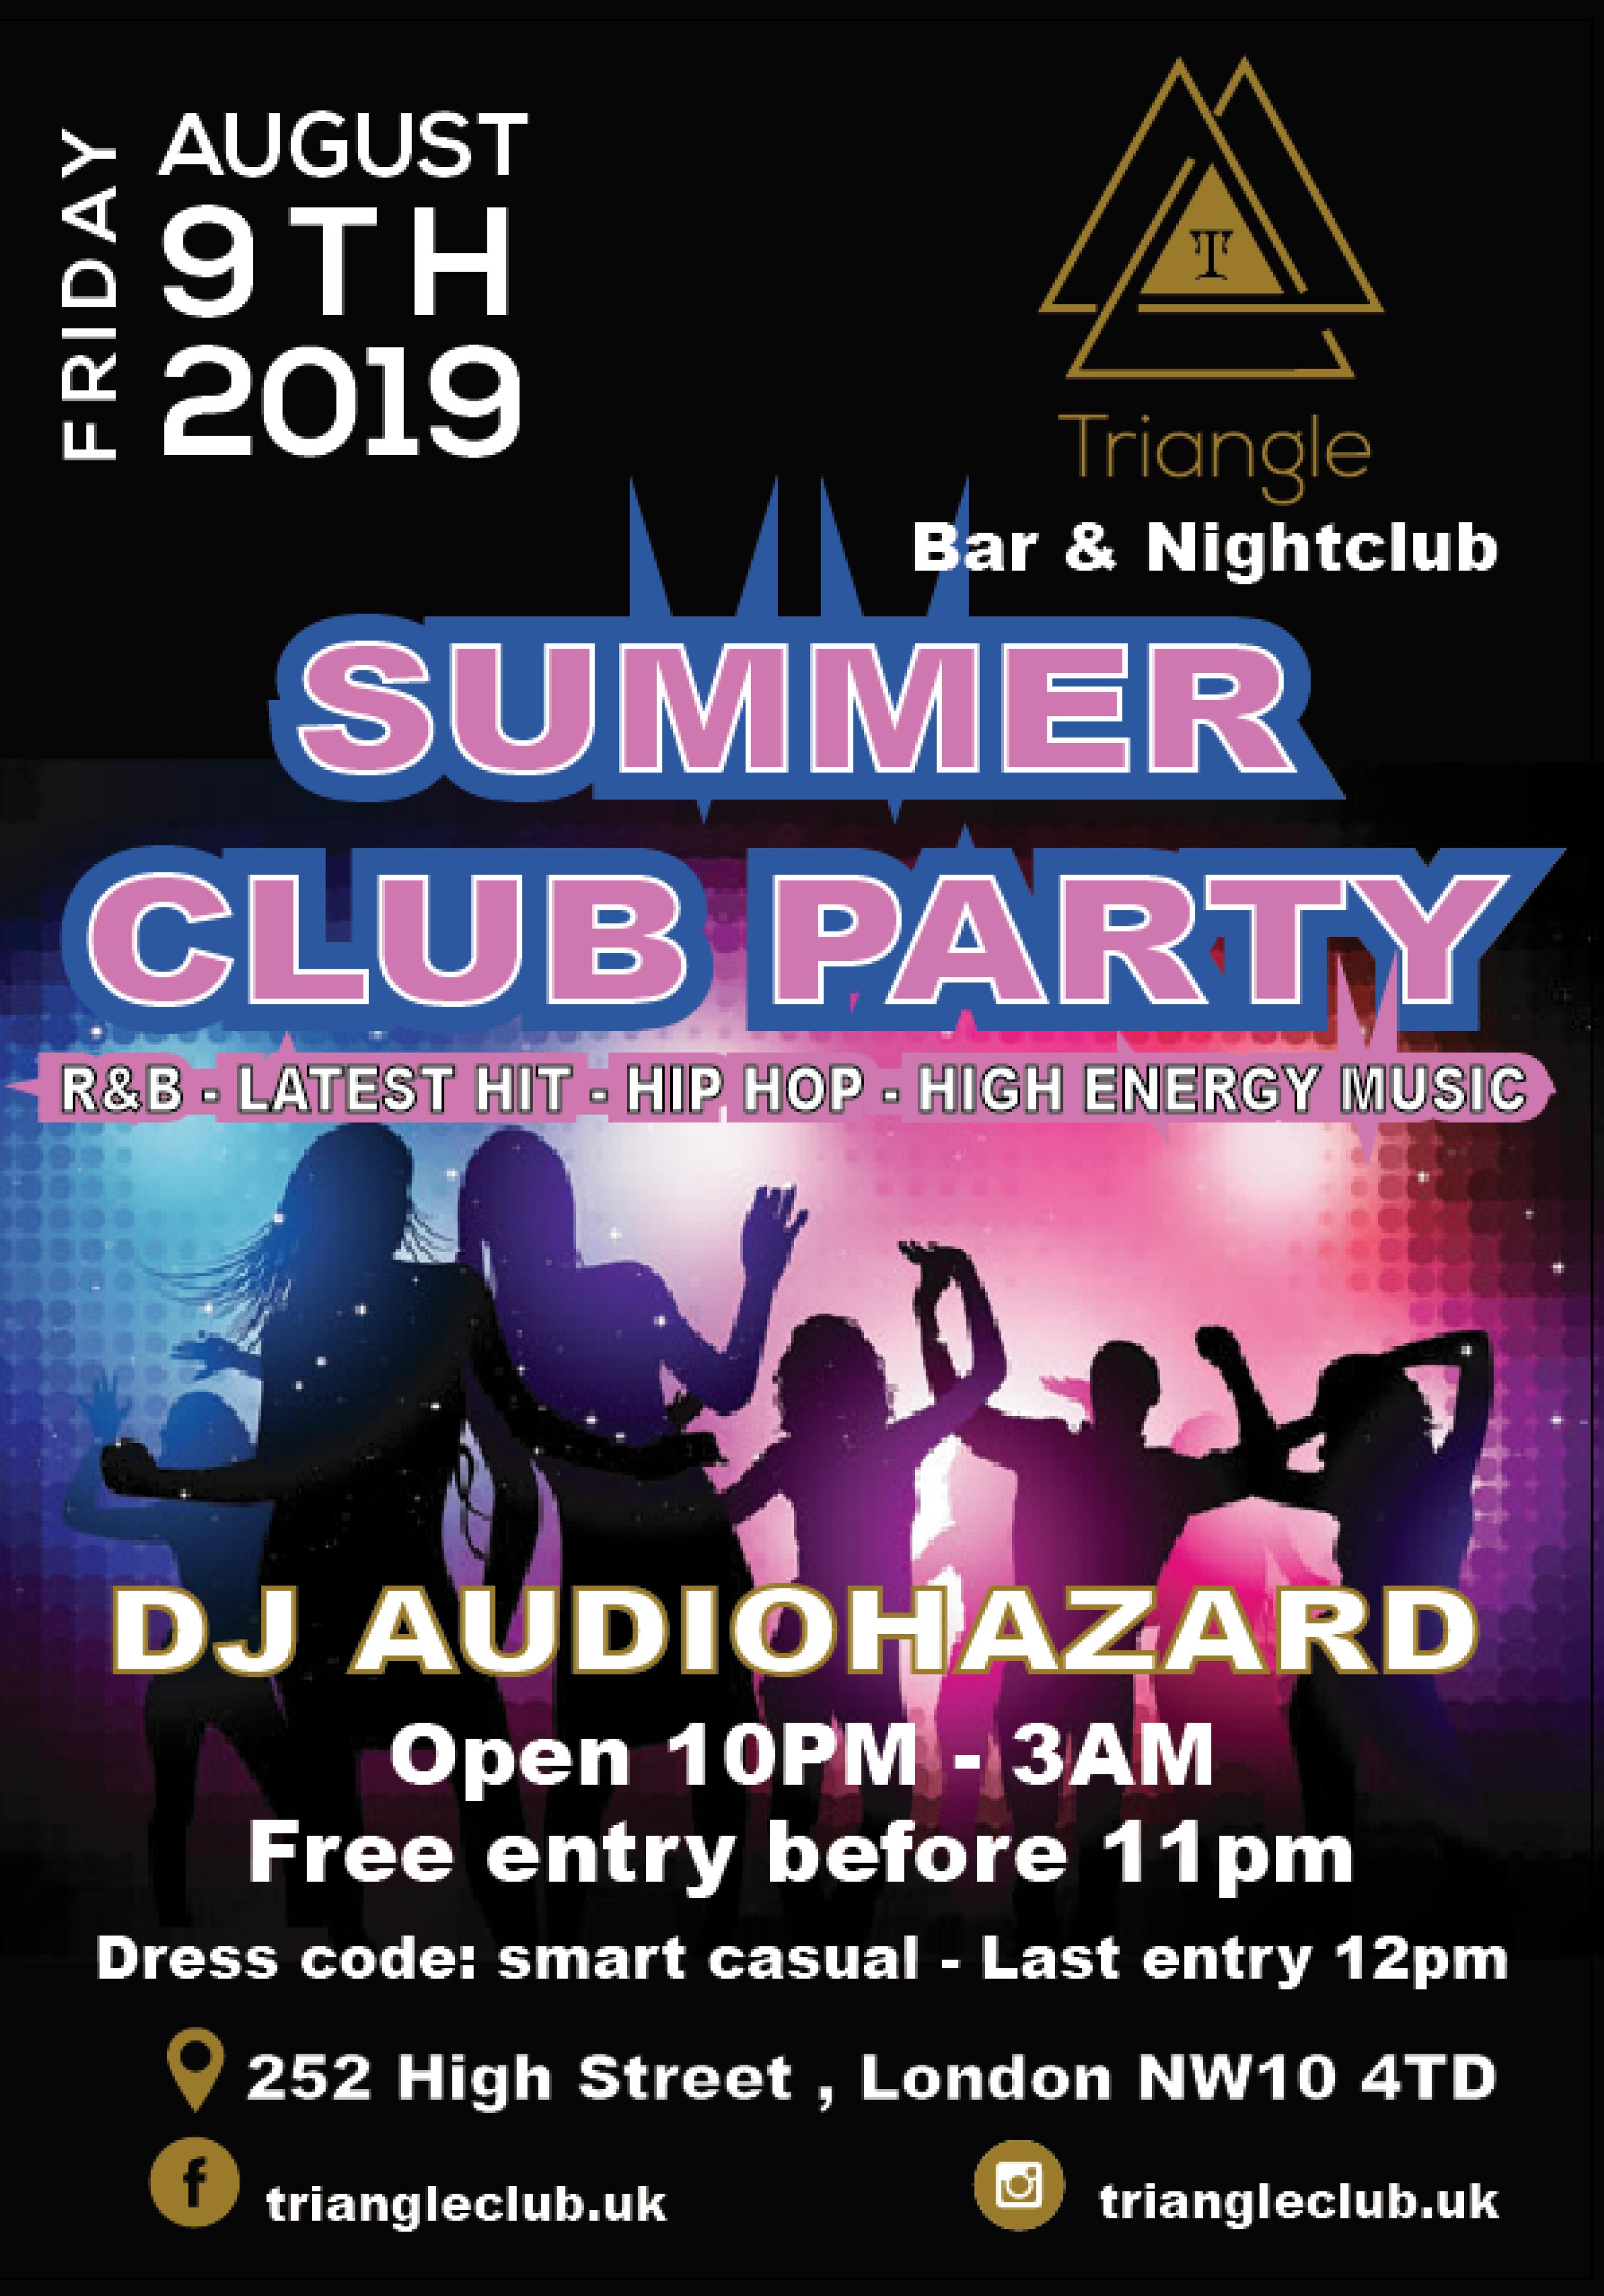 Summer Club Party | Triangle Nightclub London | Fri 9th August 2019